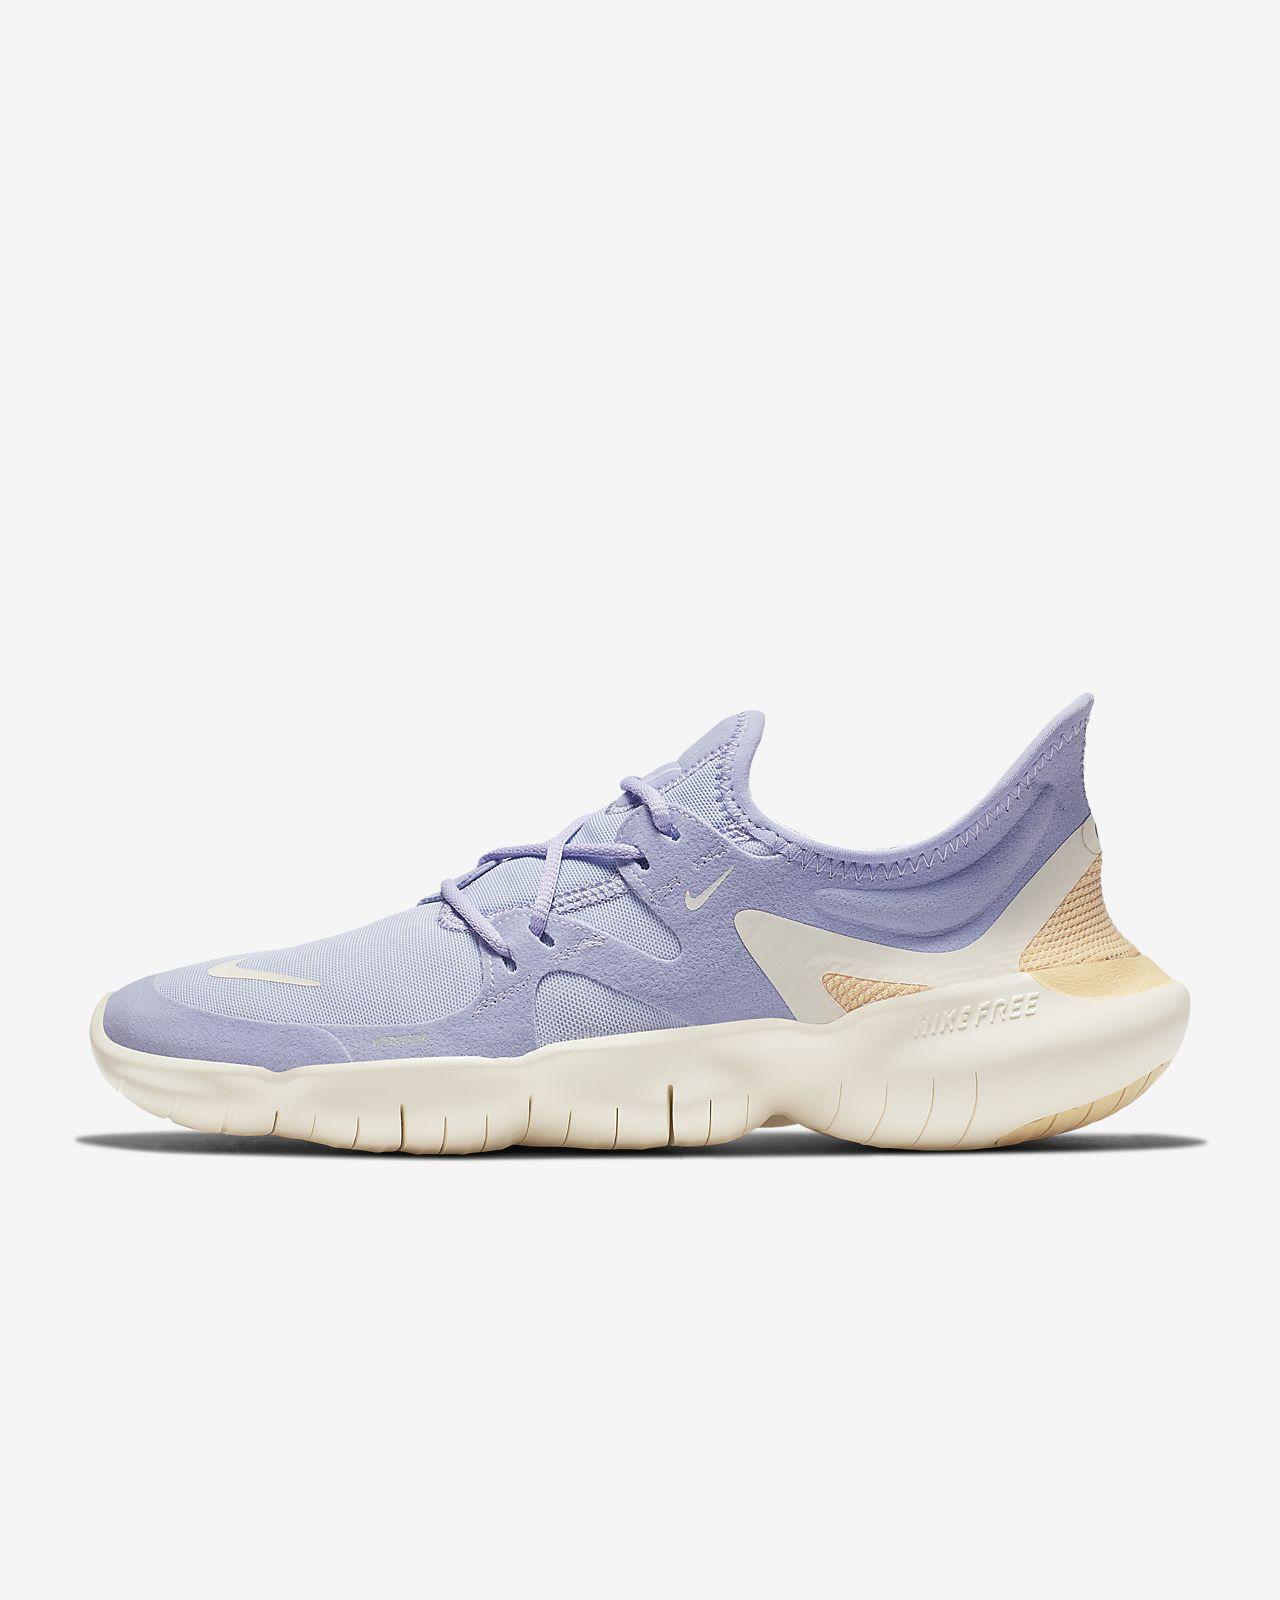 Nike Free Run 5.0 Damen Weiß Blau Lauf Schuhe Sneaker AQ1316